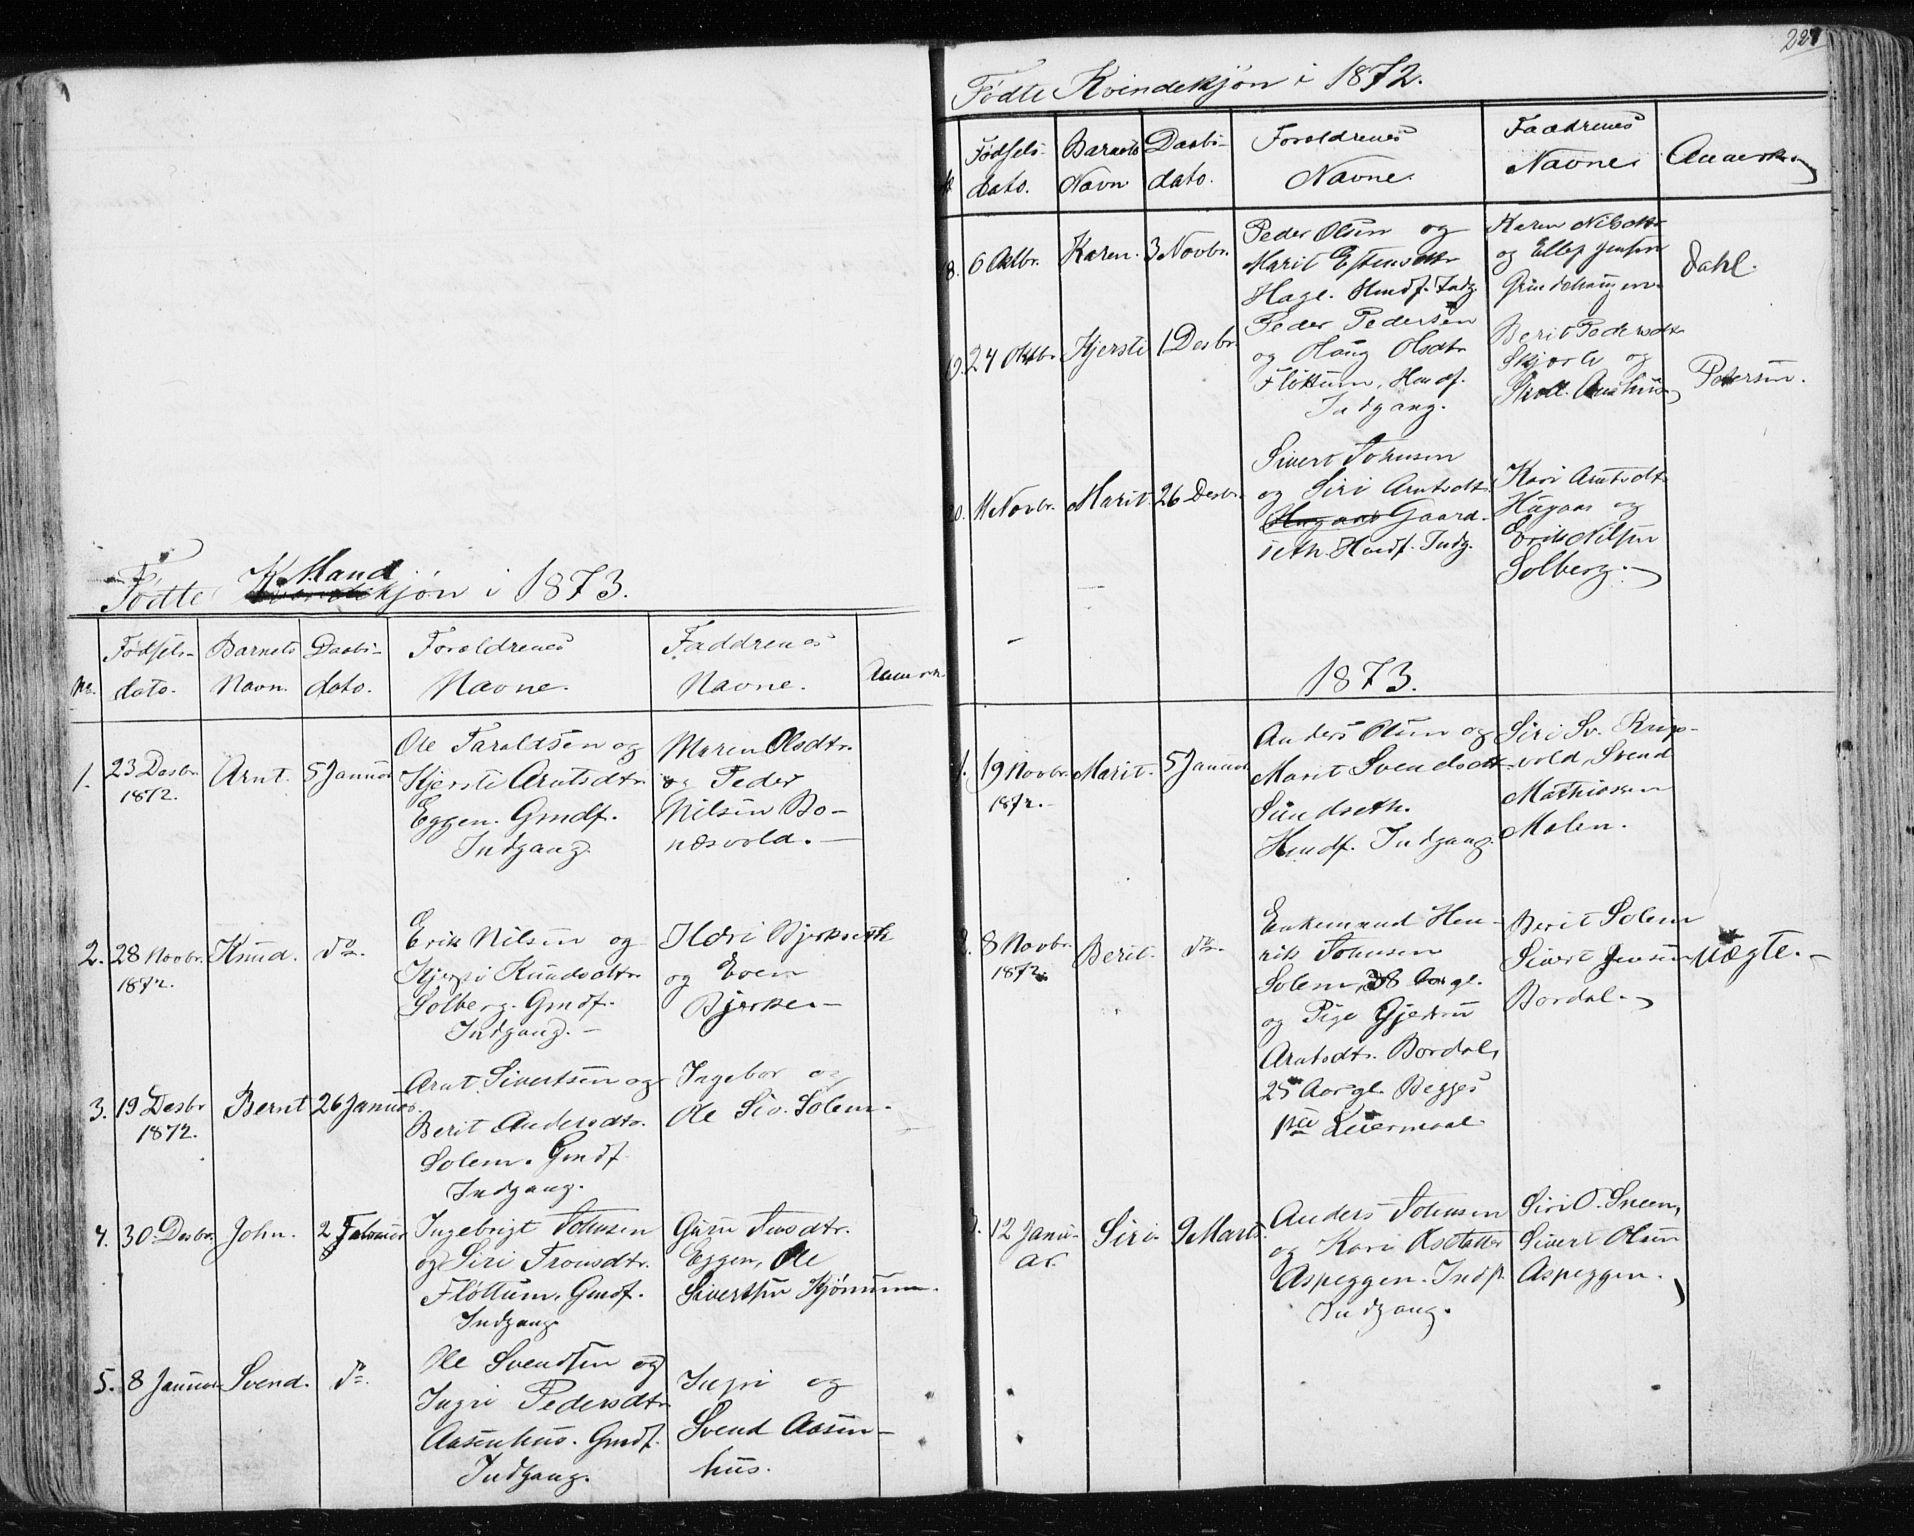 SAT, Ministerialprotokoller, klokkerbøker og fødselsregistre - Sør-Trøndelag, 689/L1043: Klokkerbok nr. 689C02, 1816-1892, s. 227